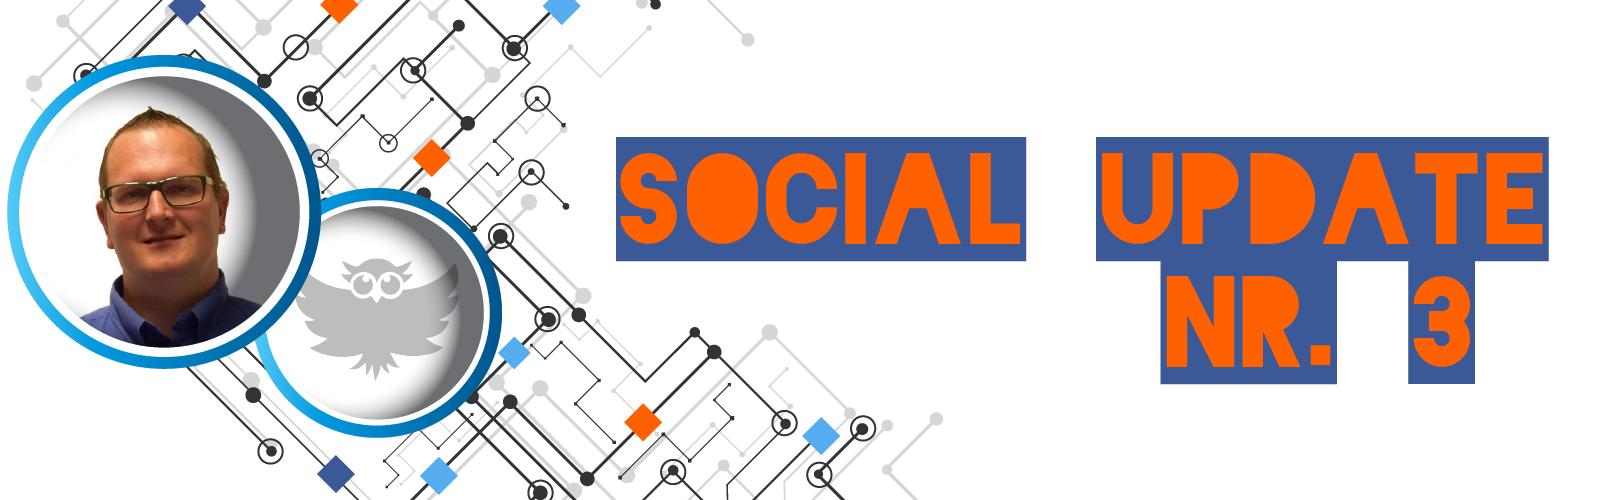 Social Update NR. 3